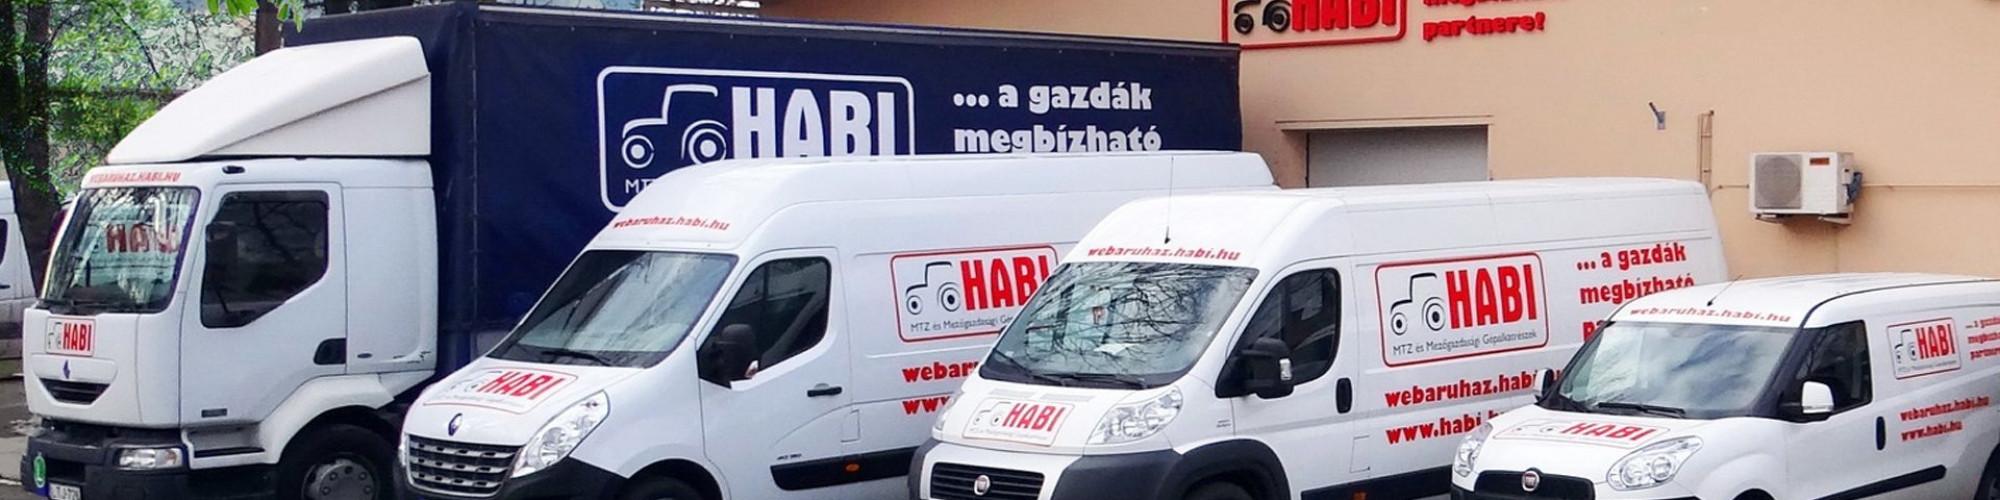 HABI Kft.